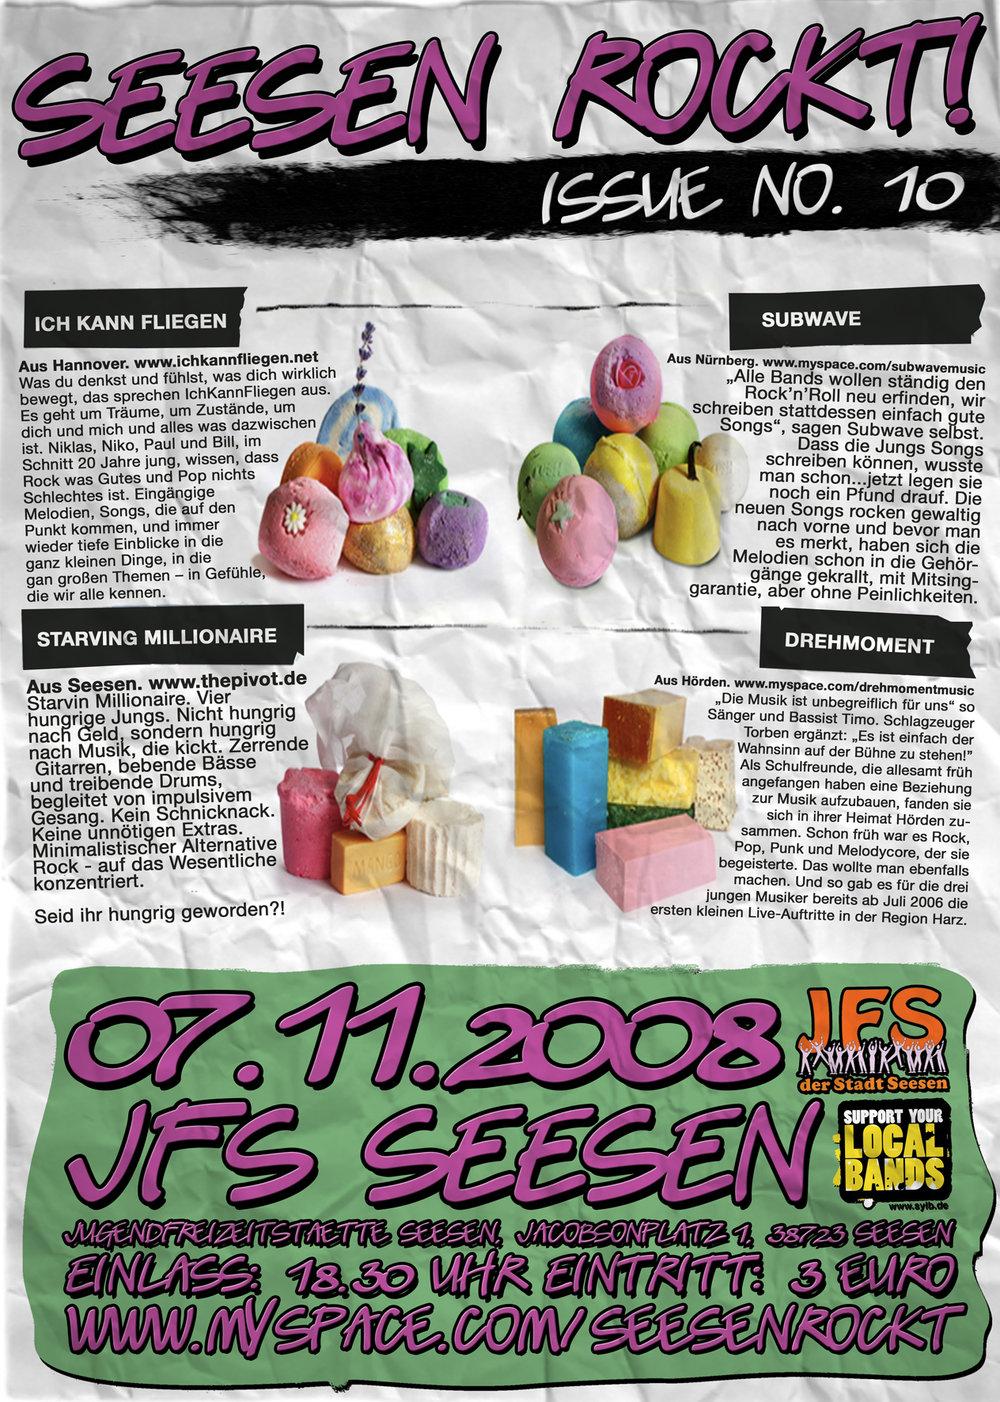 Seesen_Rockt_10_flyer_front.jpg